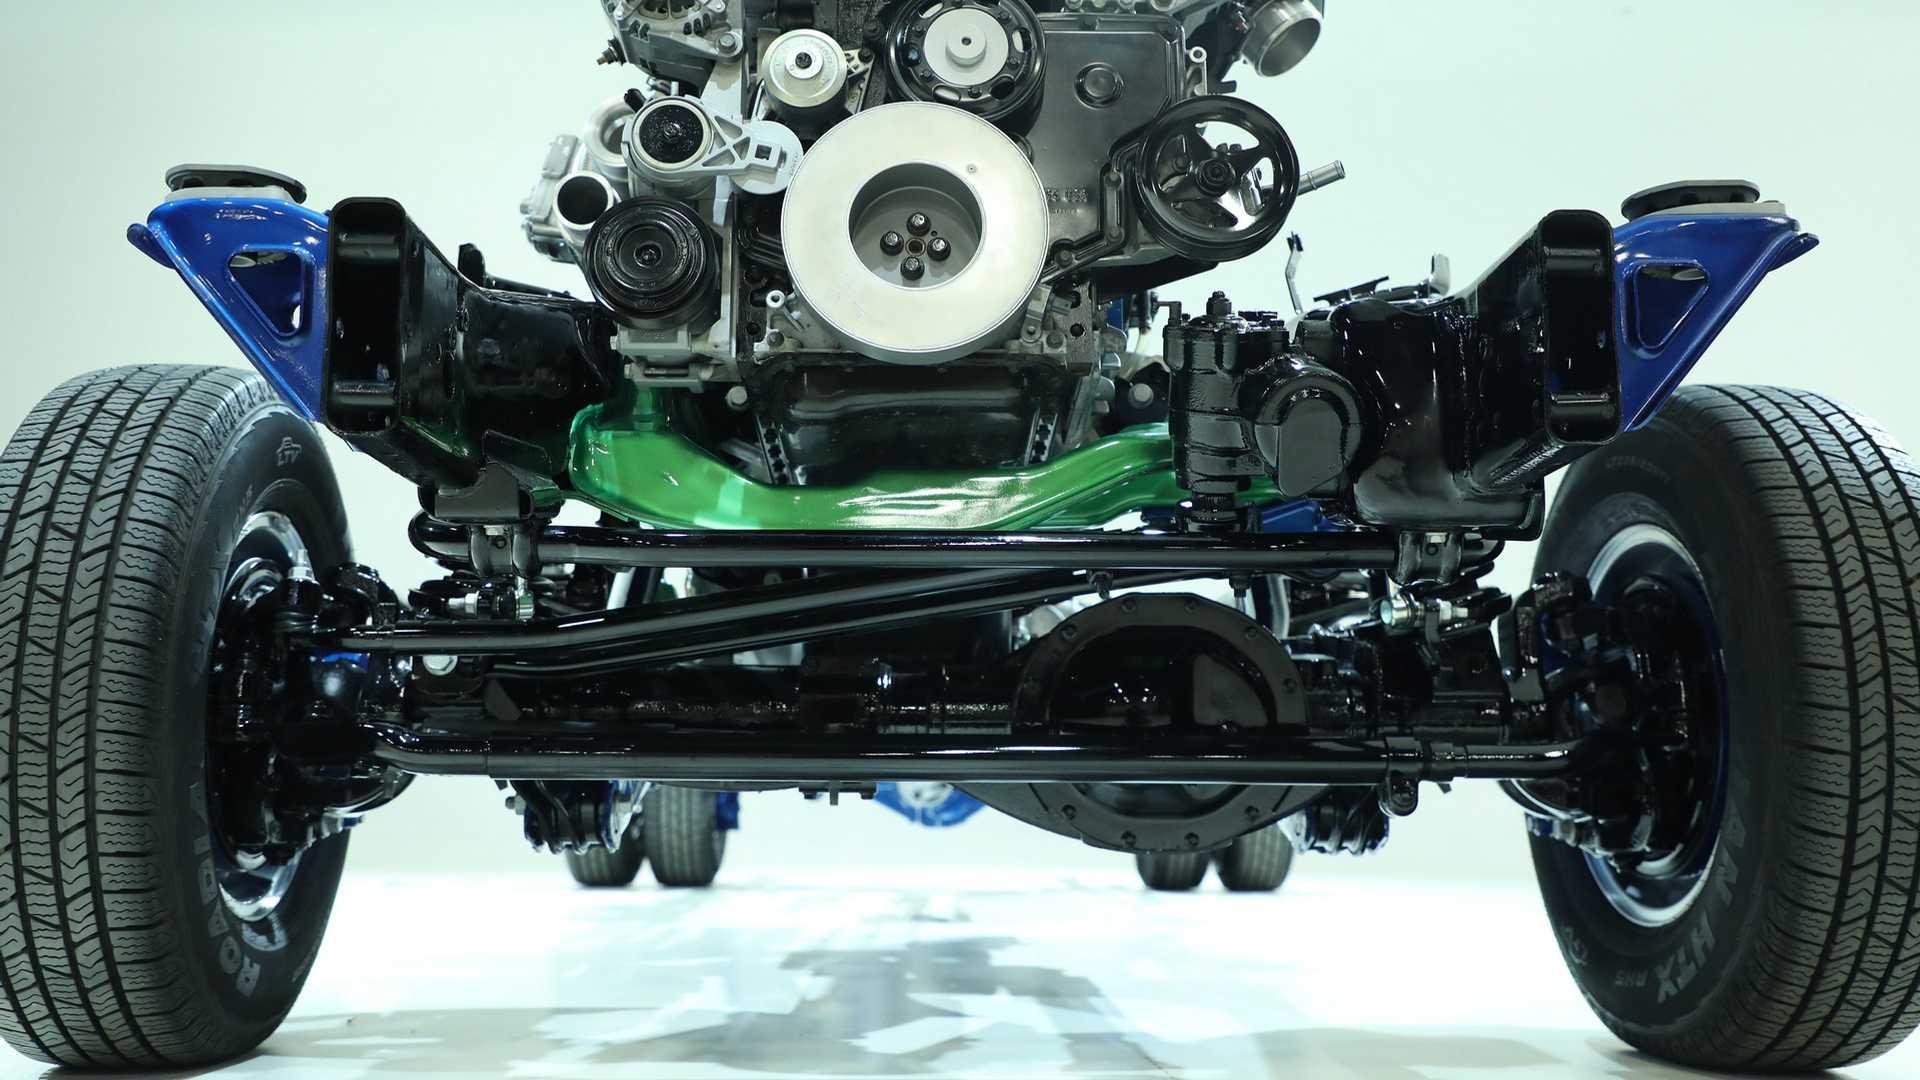 2019-ram-heavy-duty-powertrain-technologies (16)